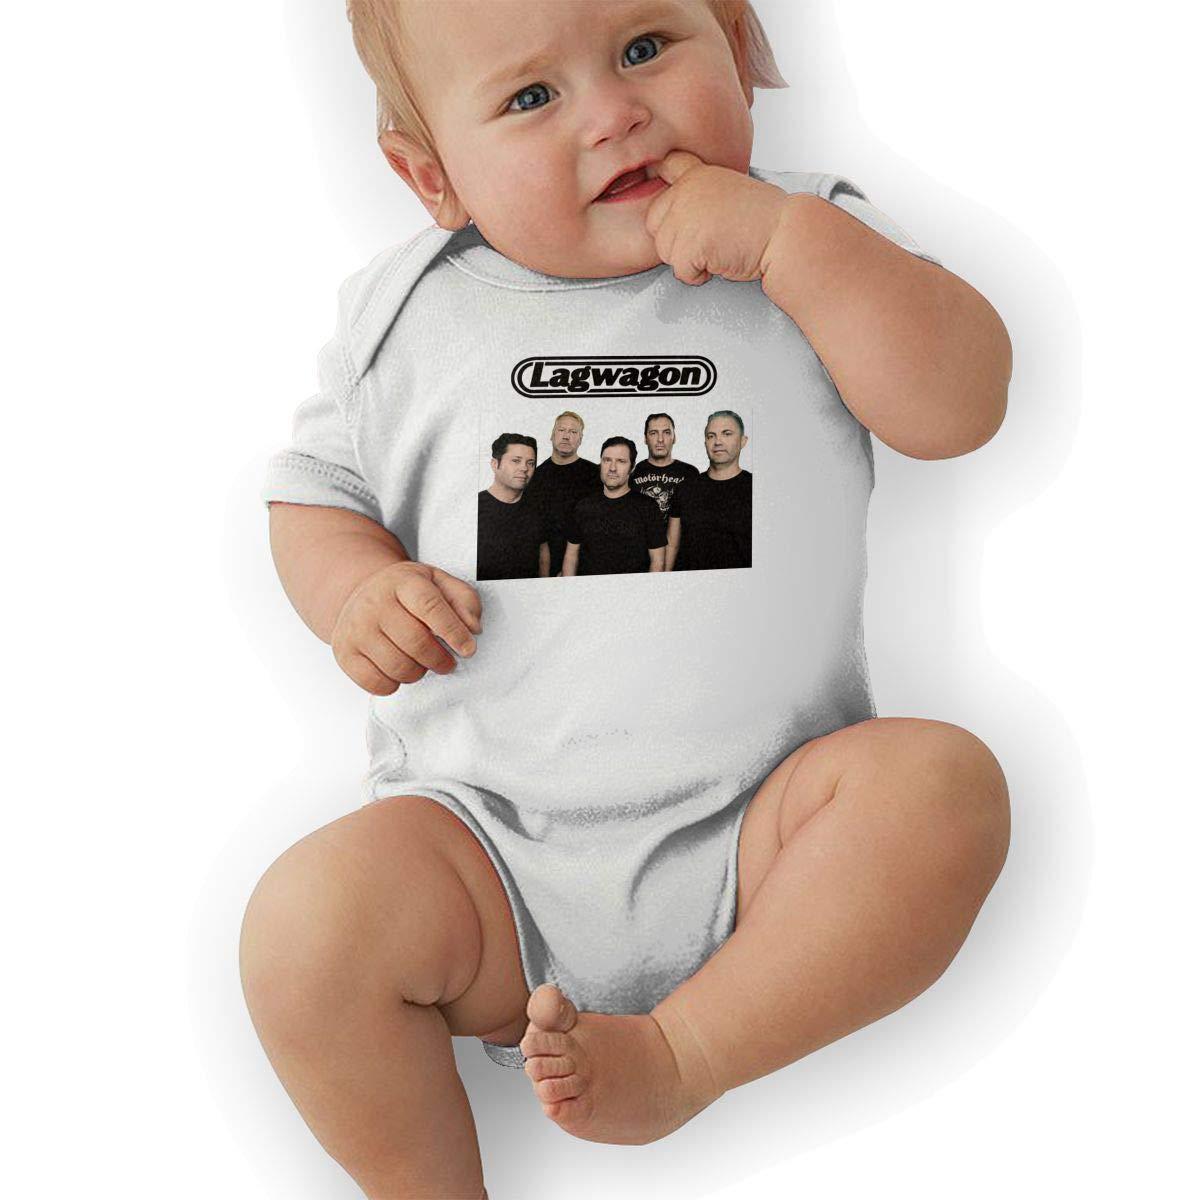 LuckyTagy Lagwagon Unisex Cool Infant Romper Baby BoyTank Tops White